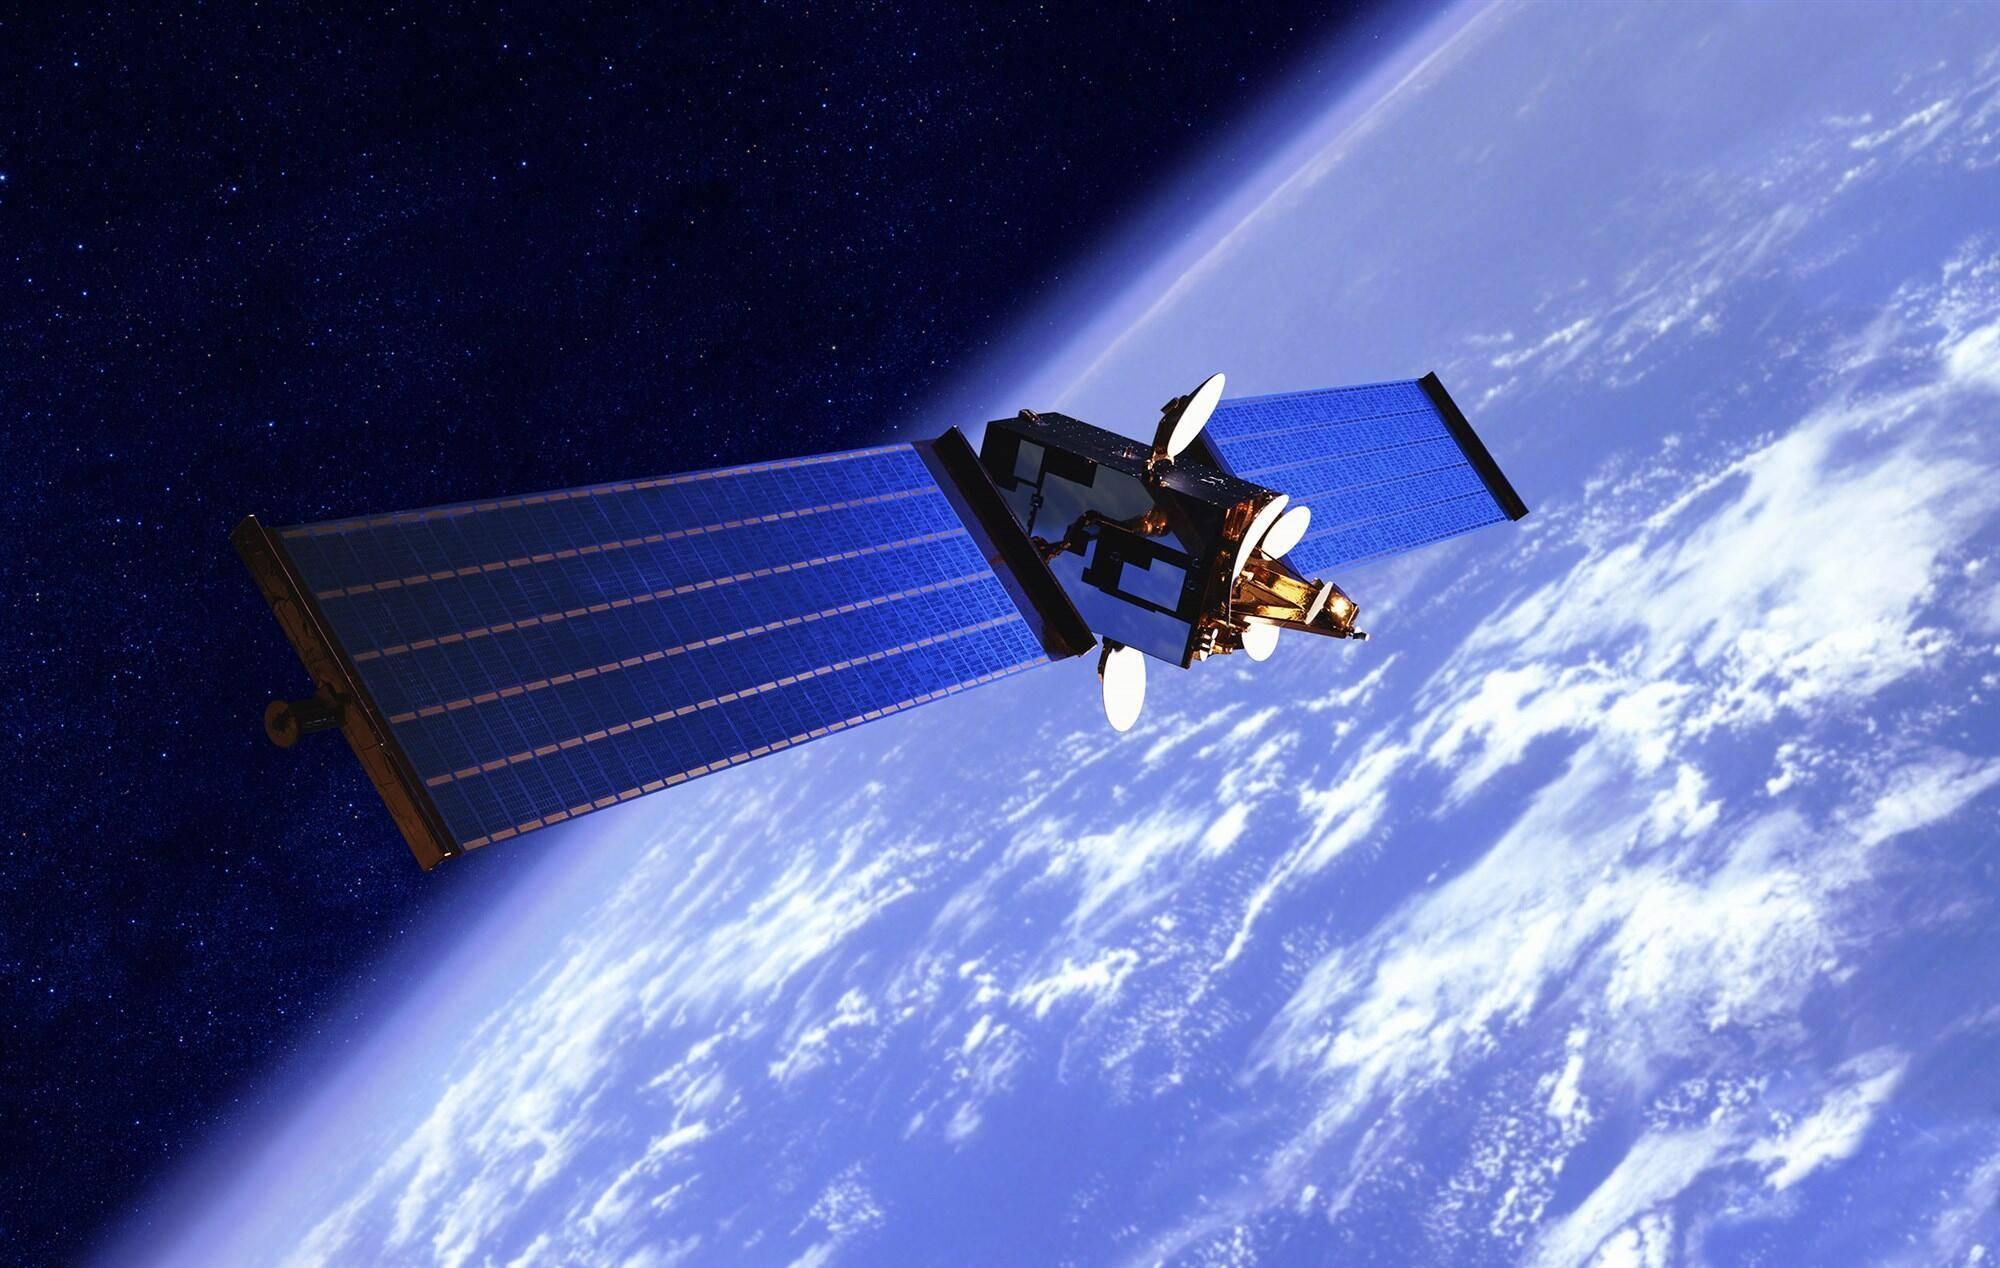 惊人爆料!以太空安全项目前负责人:美国和外星人签了协议,特朗普差点说漏嘴!